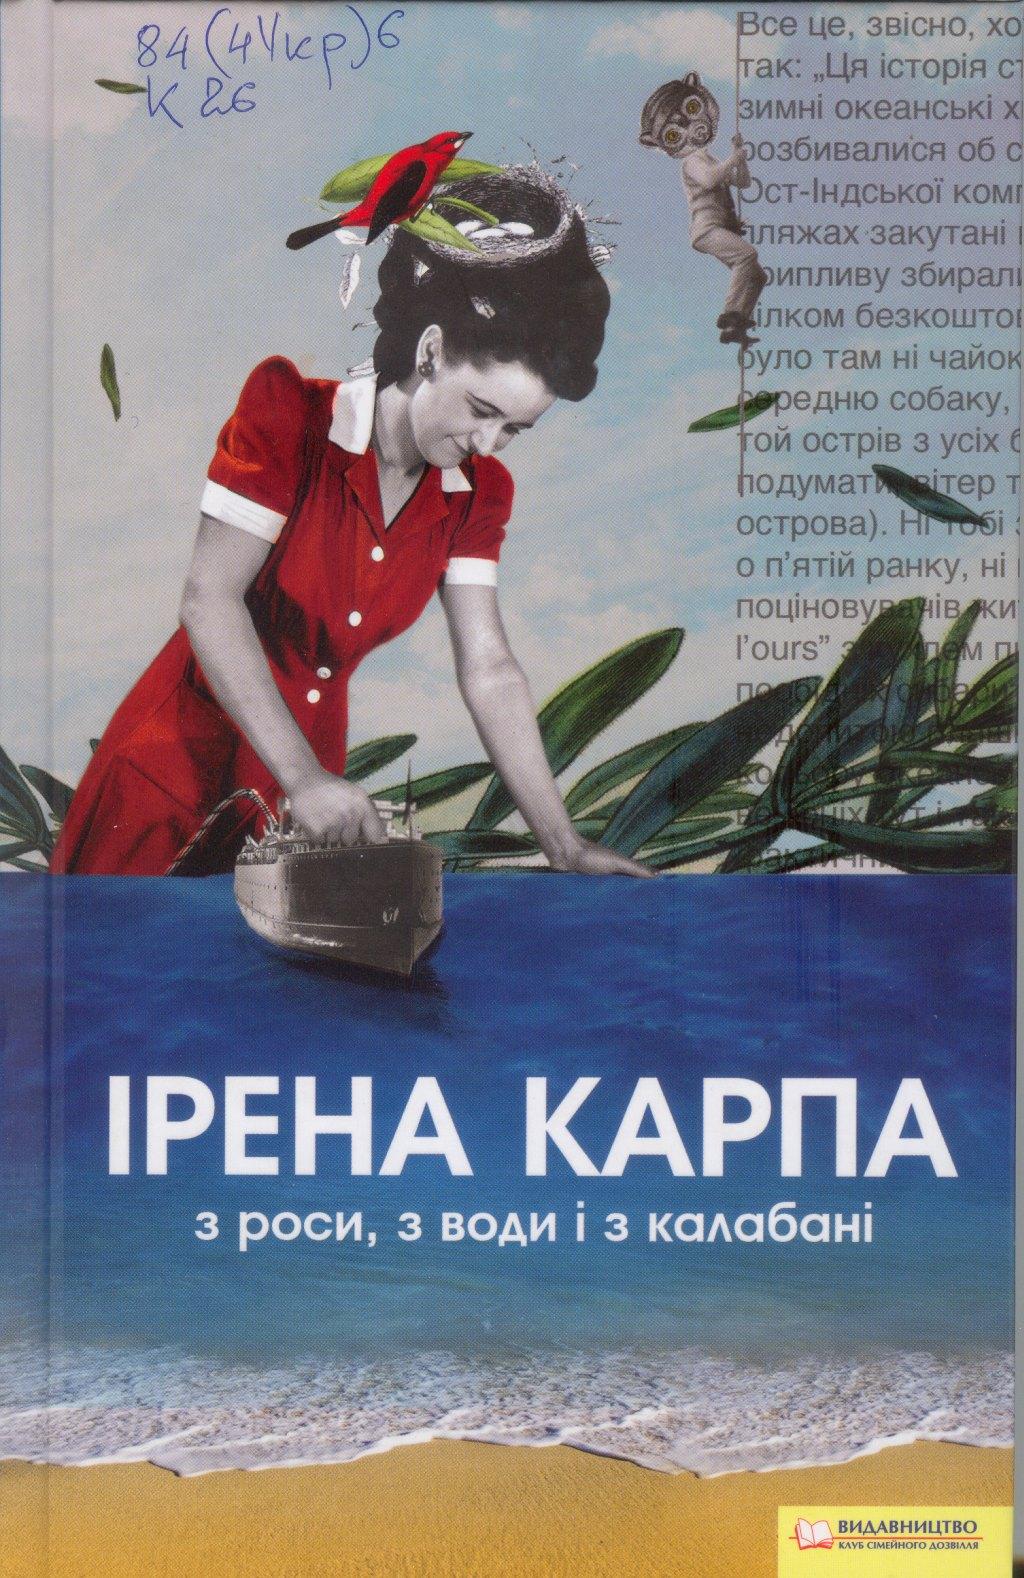 http://library.mk.ua/wp-content/uploads/2016/02/ukr_lit-10-full.jpg